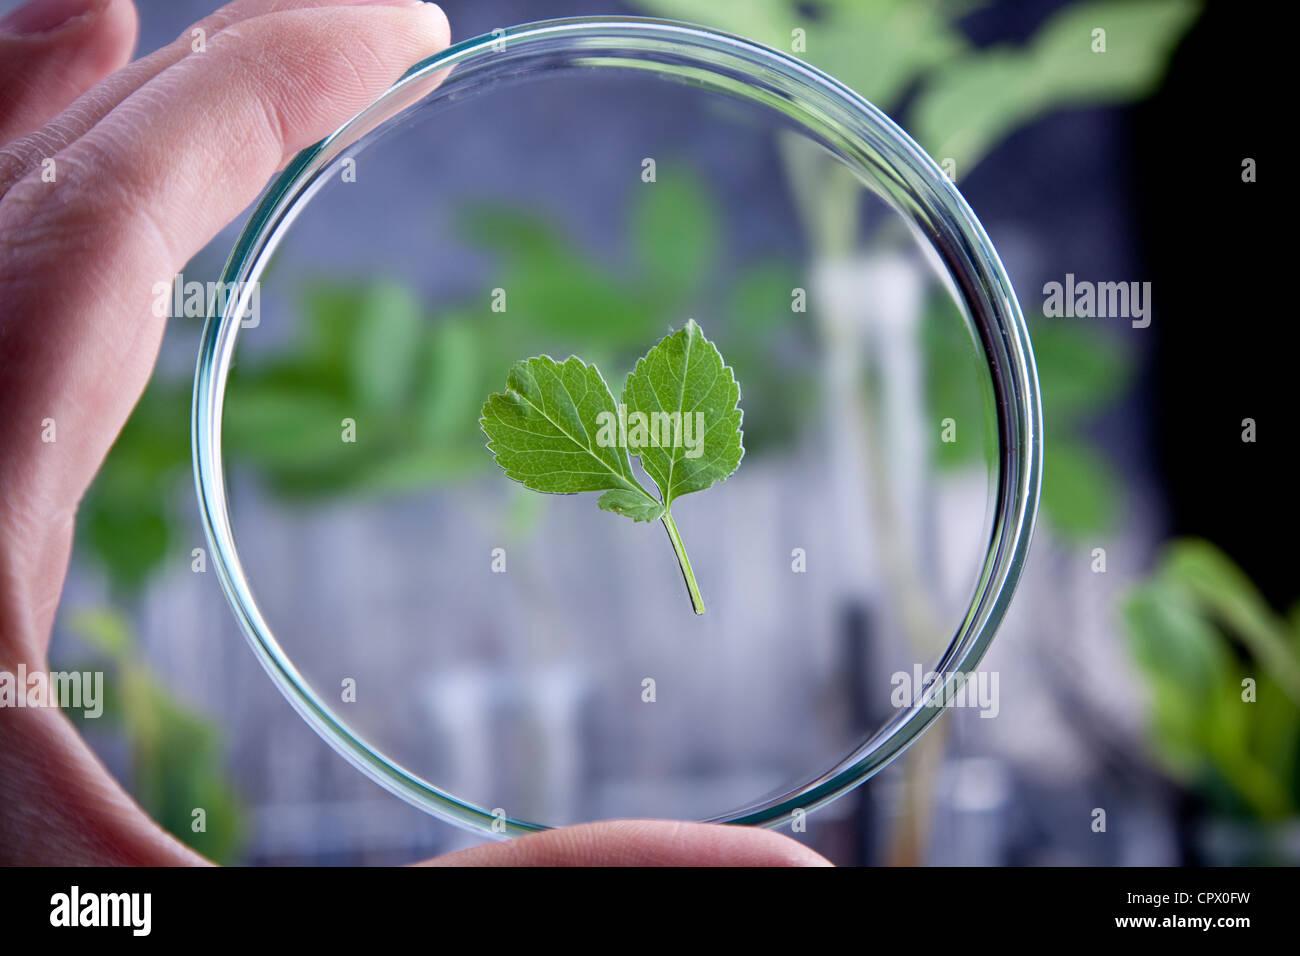 Verrerie de laboratoire, des expériences sur les plantes Photo Stock